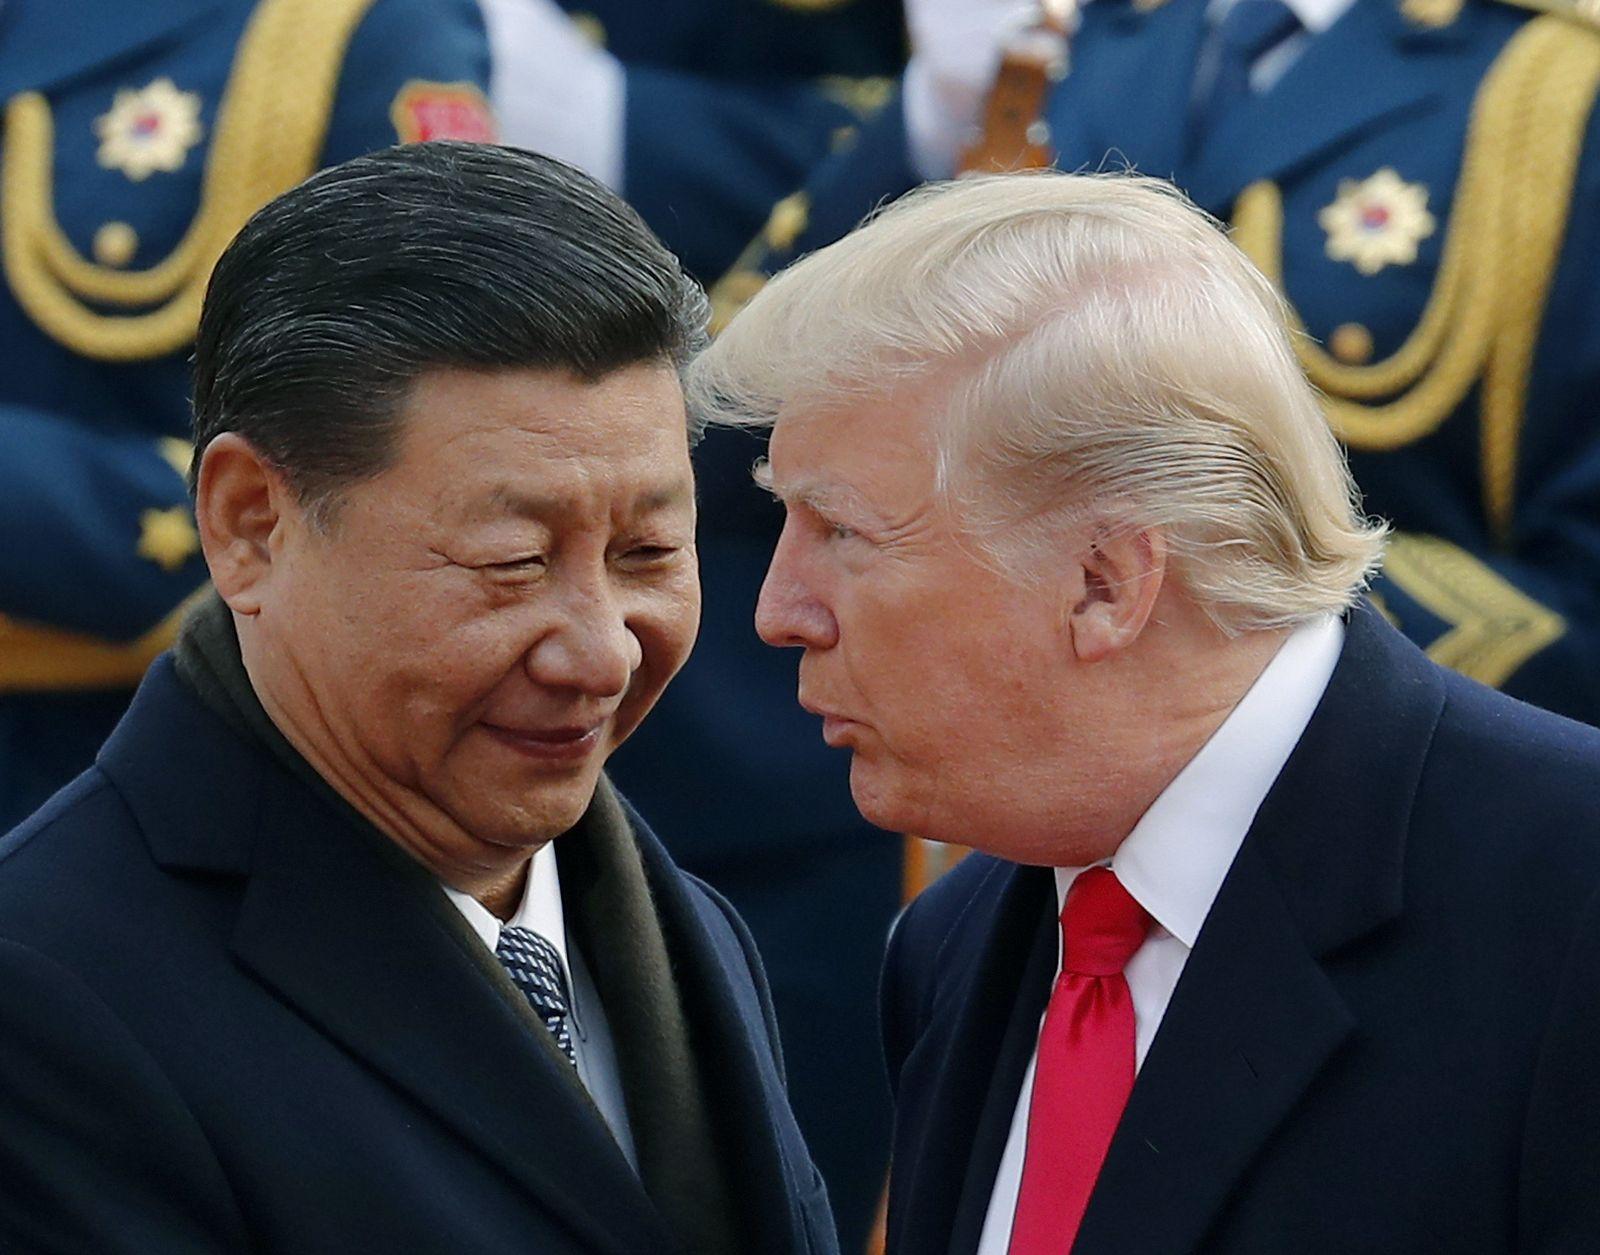 Donald Trump / Xi Jinping